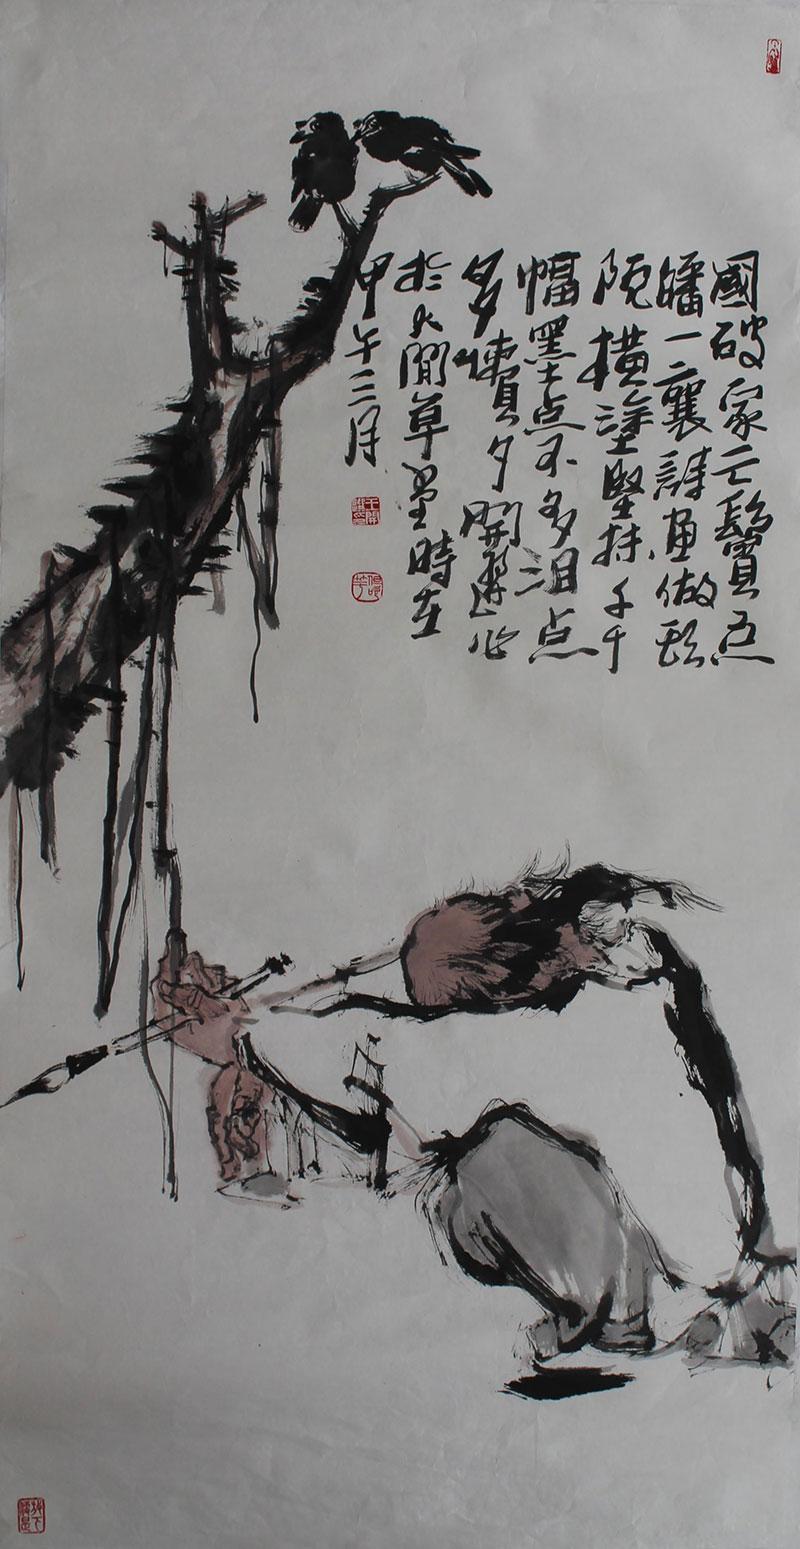 王开选作品之一 (22)